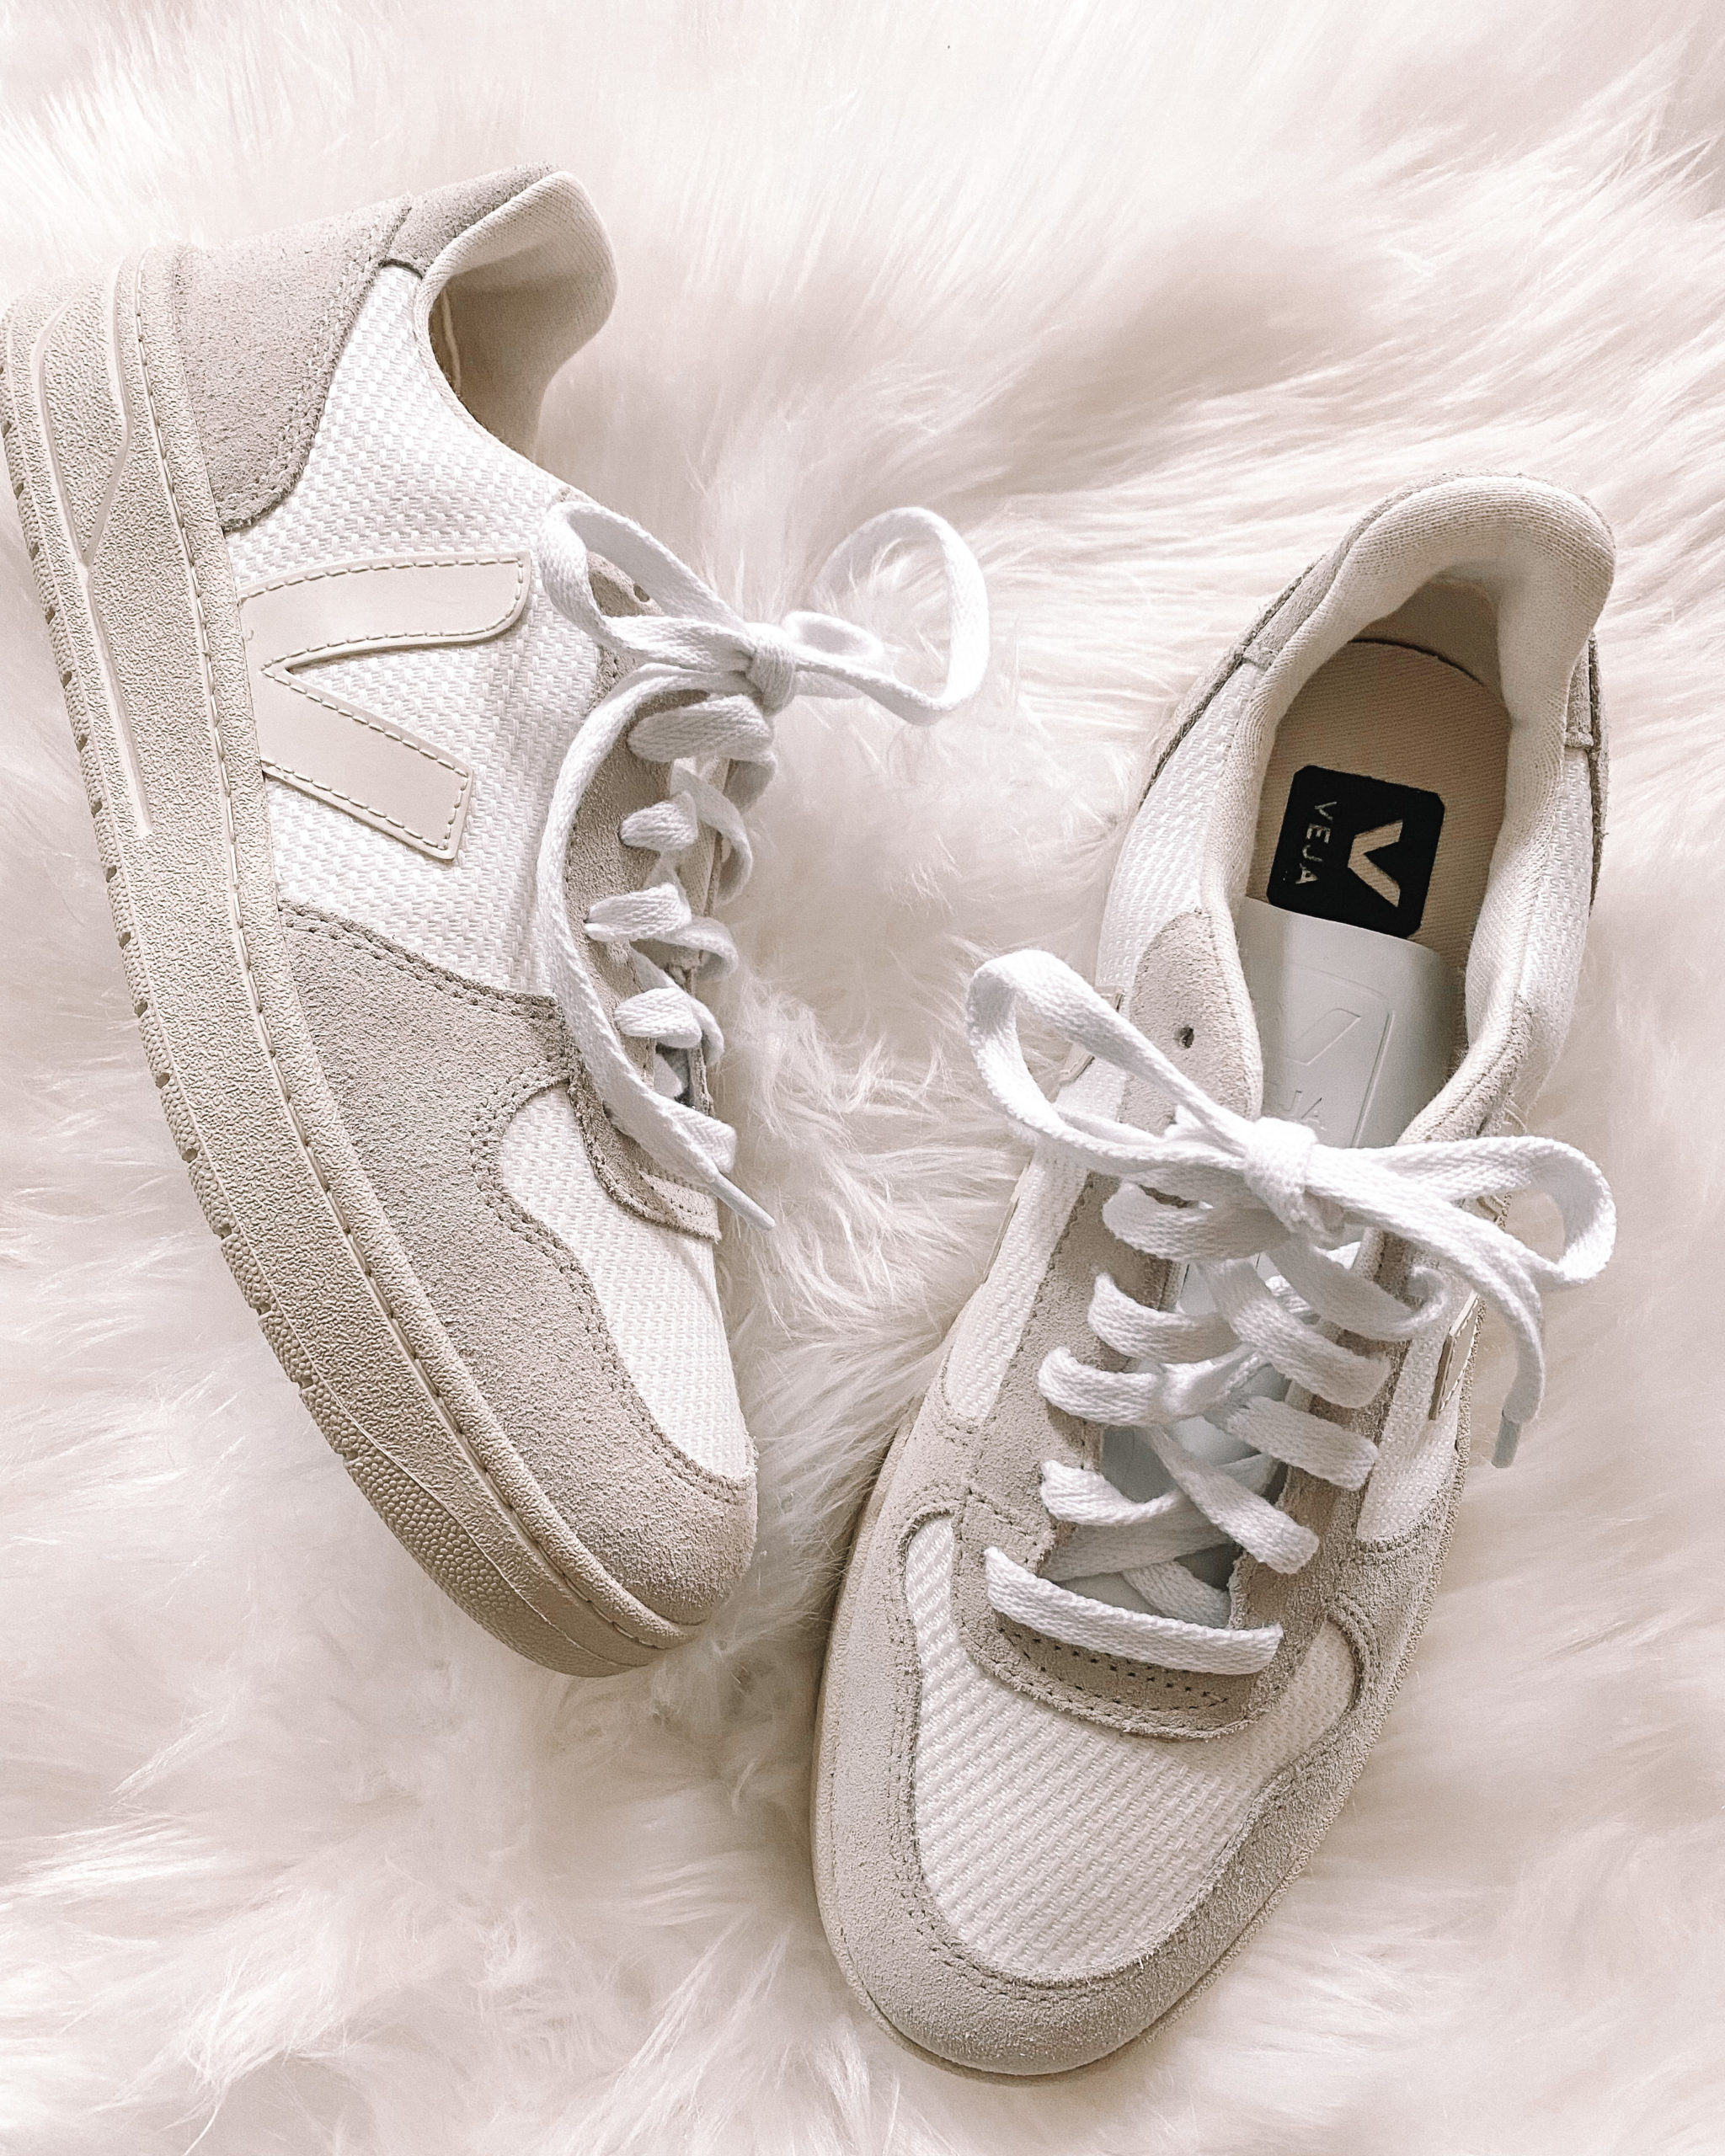 Veja V10 White Sneakers